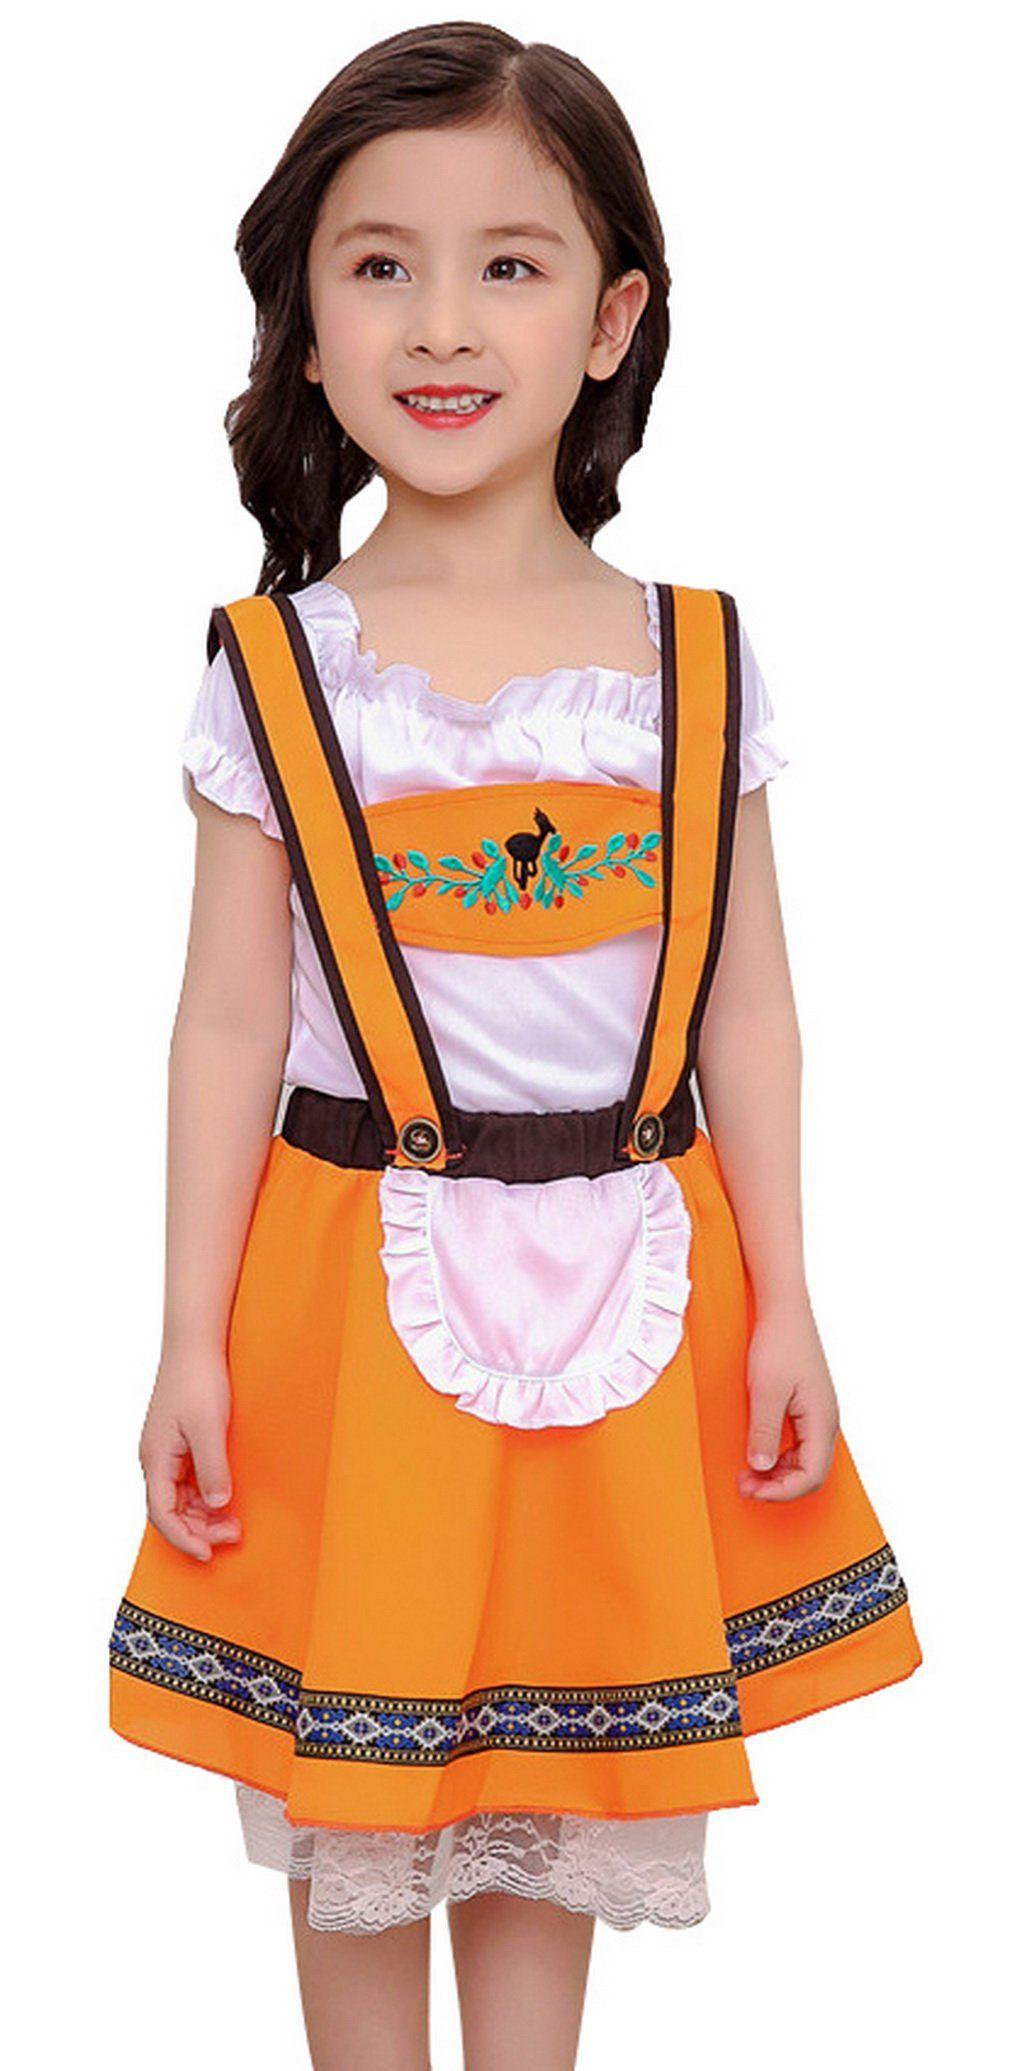 La Vogue Girls Beer Festival Costume Halloween Waitress